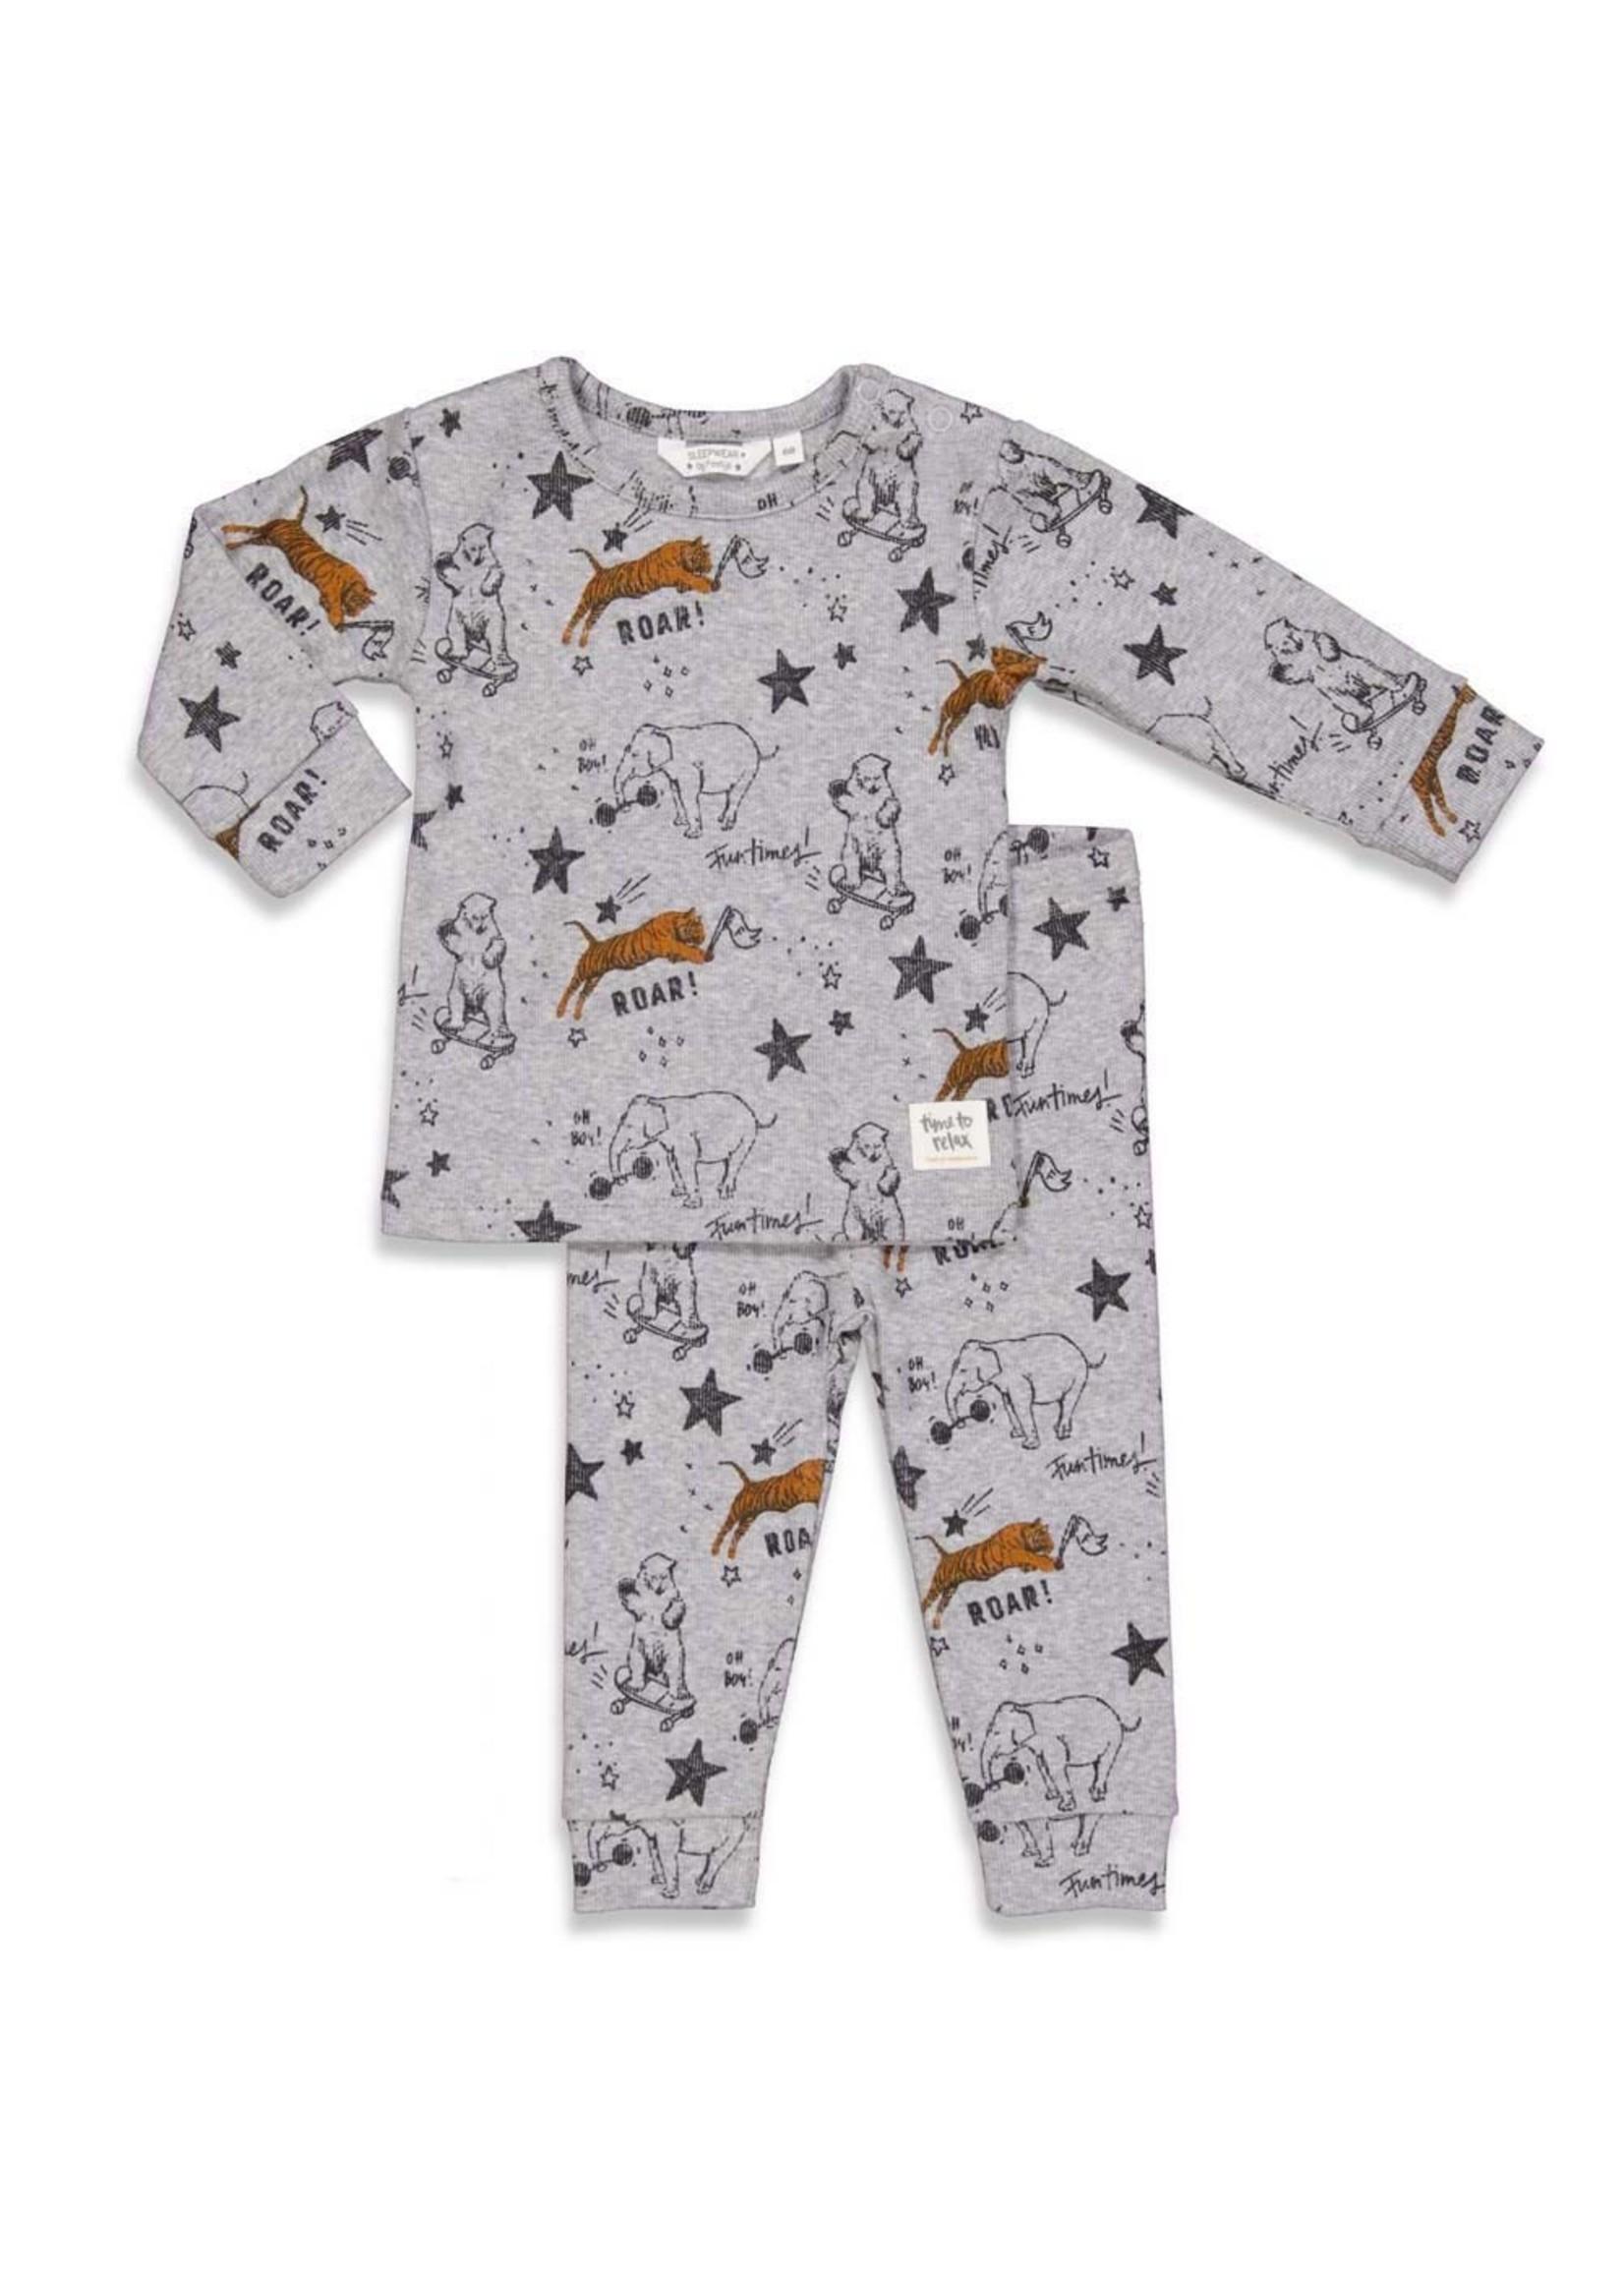 Feetje Roar Riley - Premium Sleepwear by FEETJE